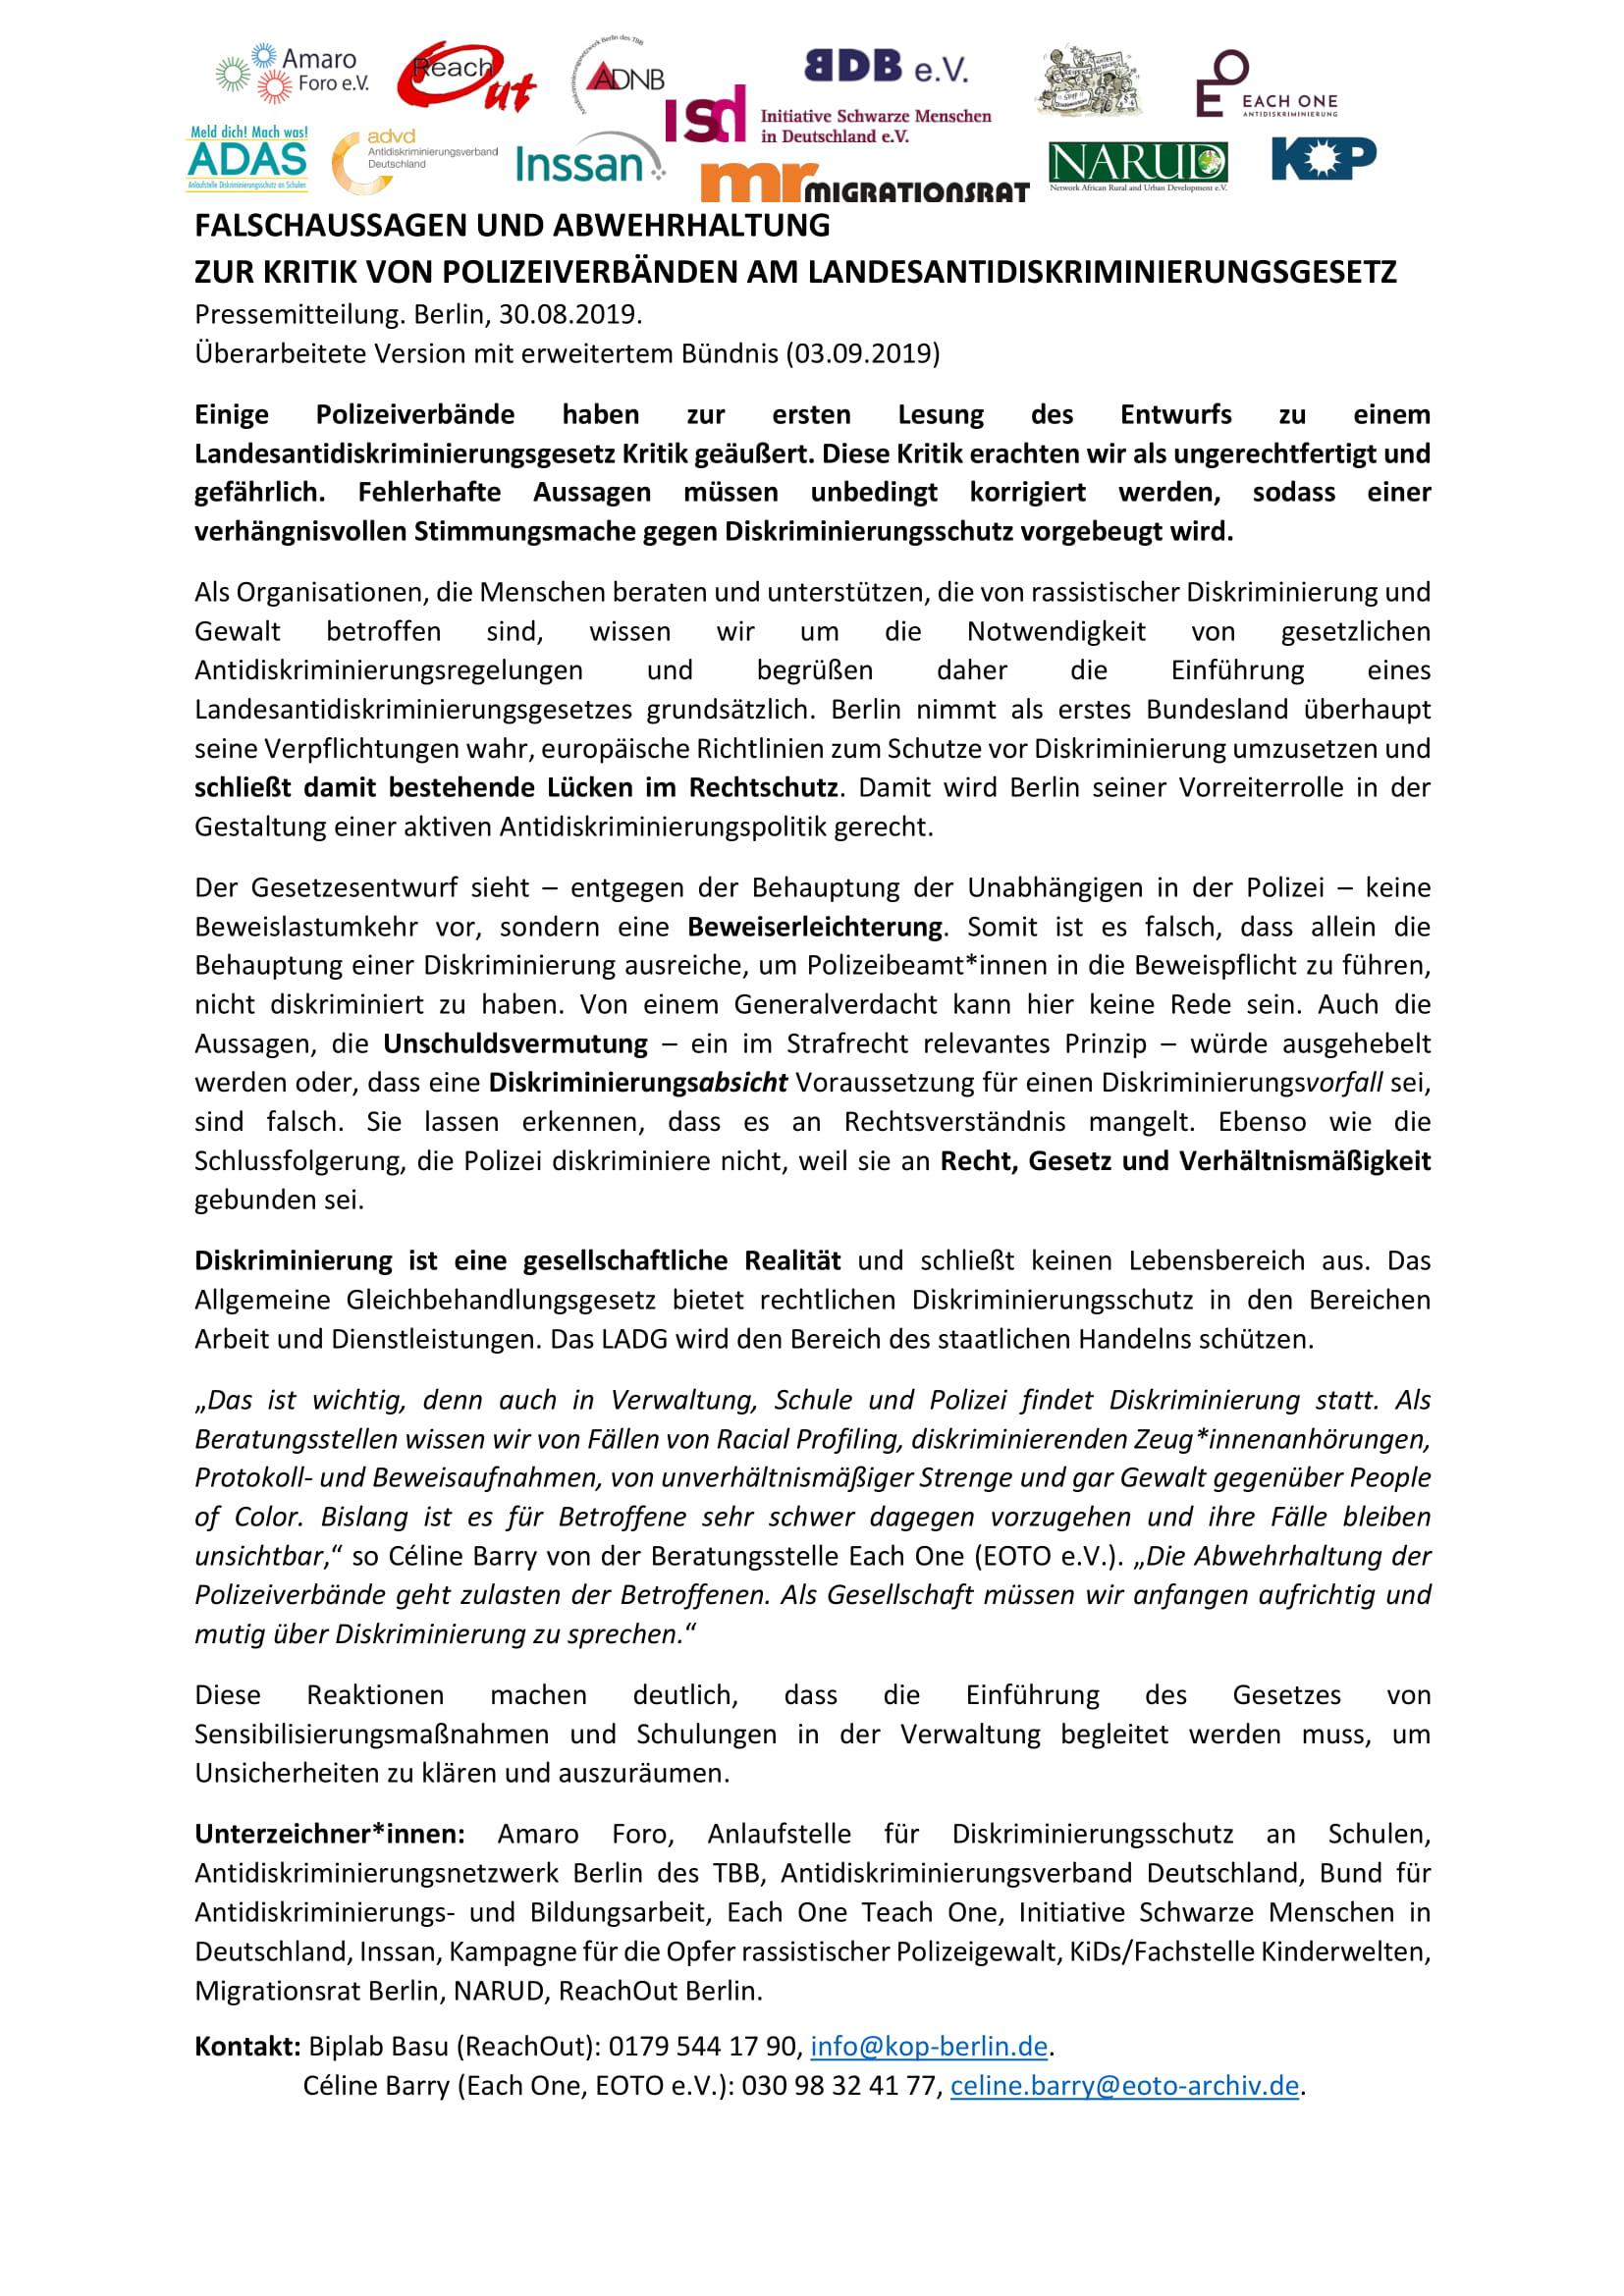 PM_LADG_Falschaussagen und Abwehrhaltung__03.09.19-1.jpg